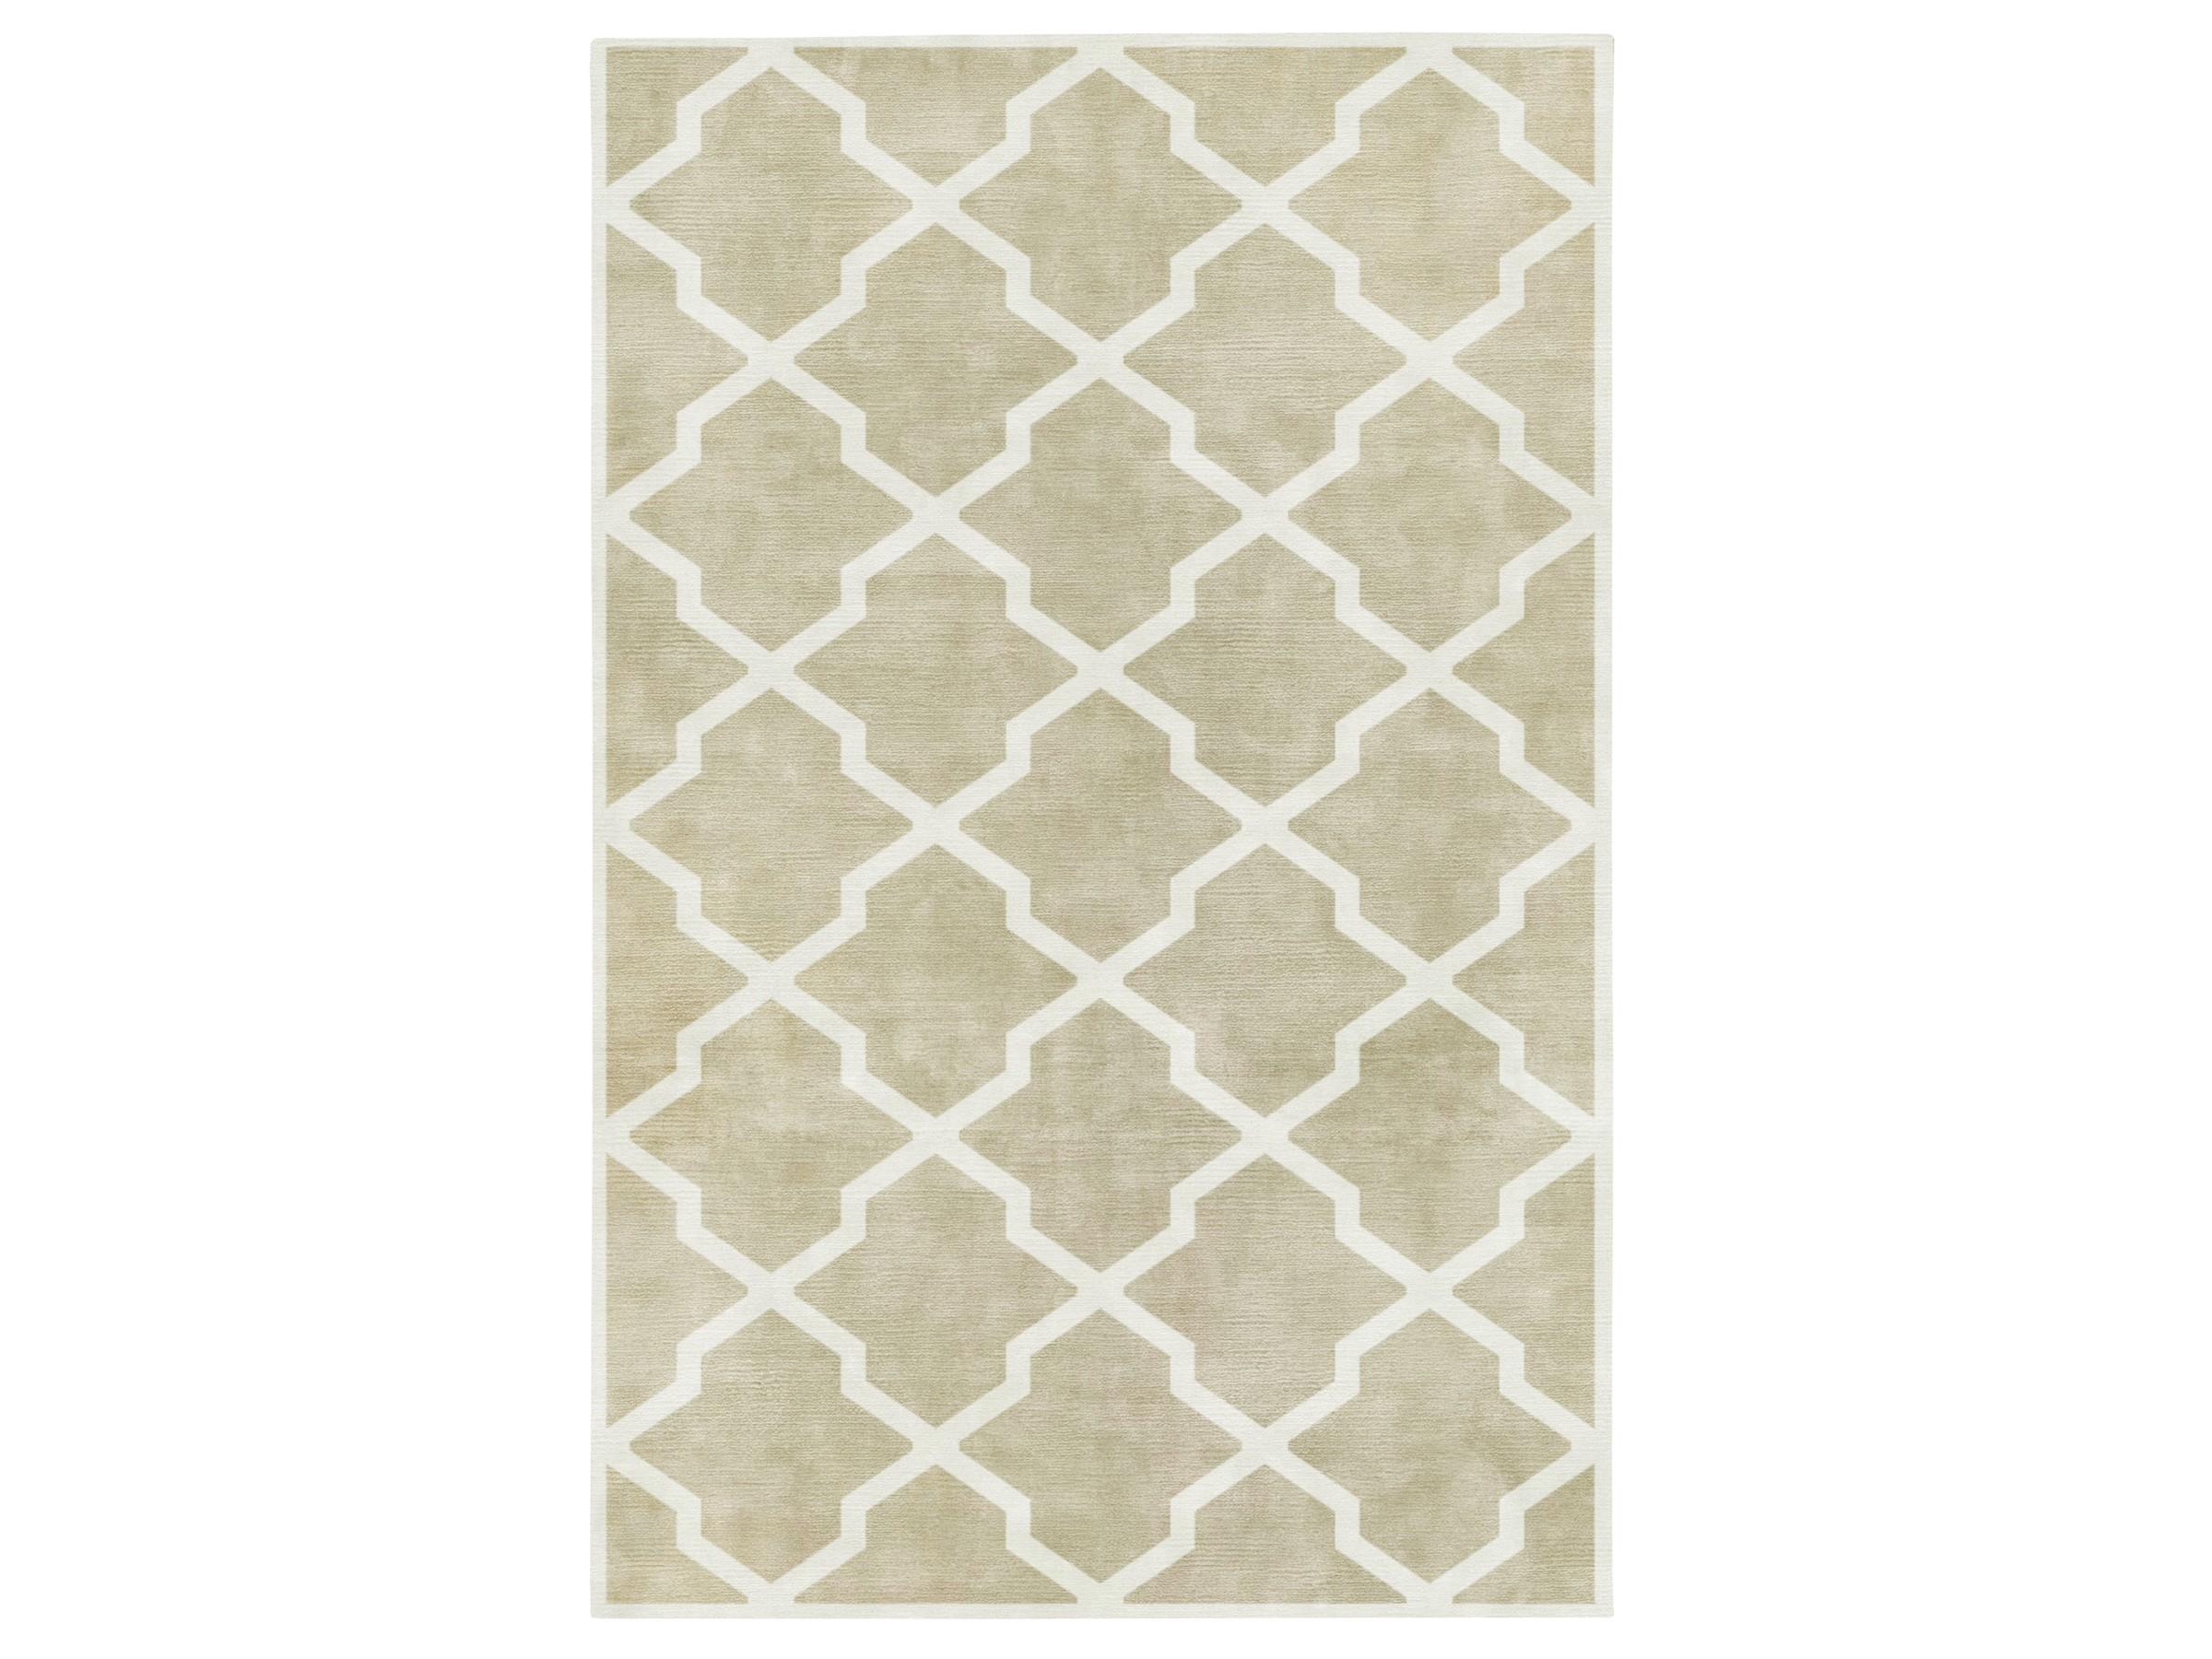 Ковер Lattice 140x200Прямоугольные ковры<br><br><br>Material: Шерсть<br>Ширина см: 140<br>Глубина см: 200